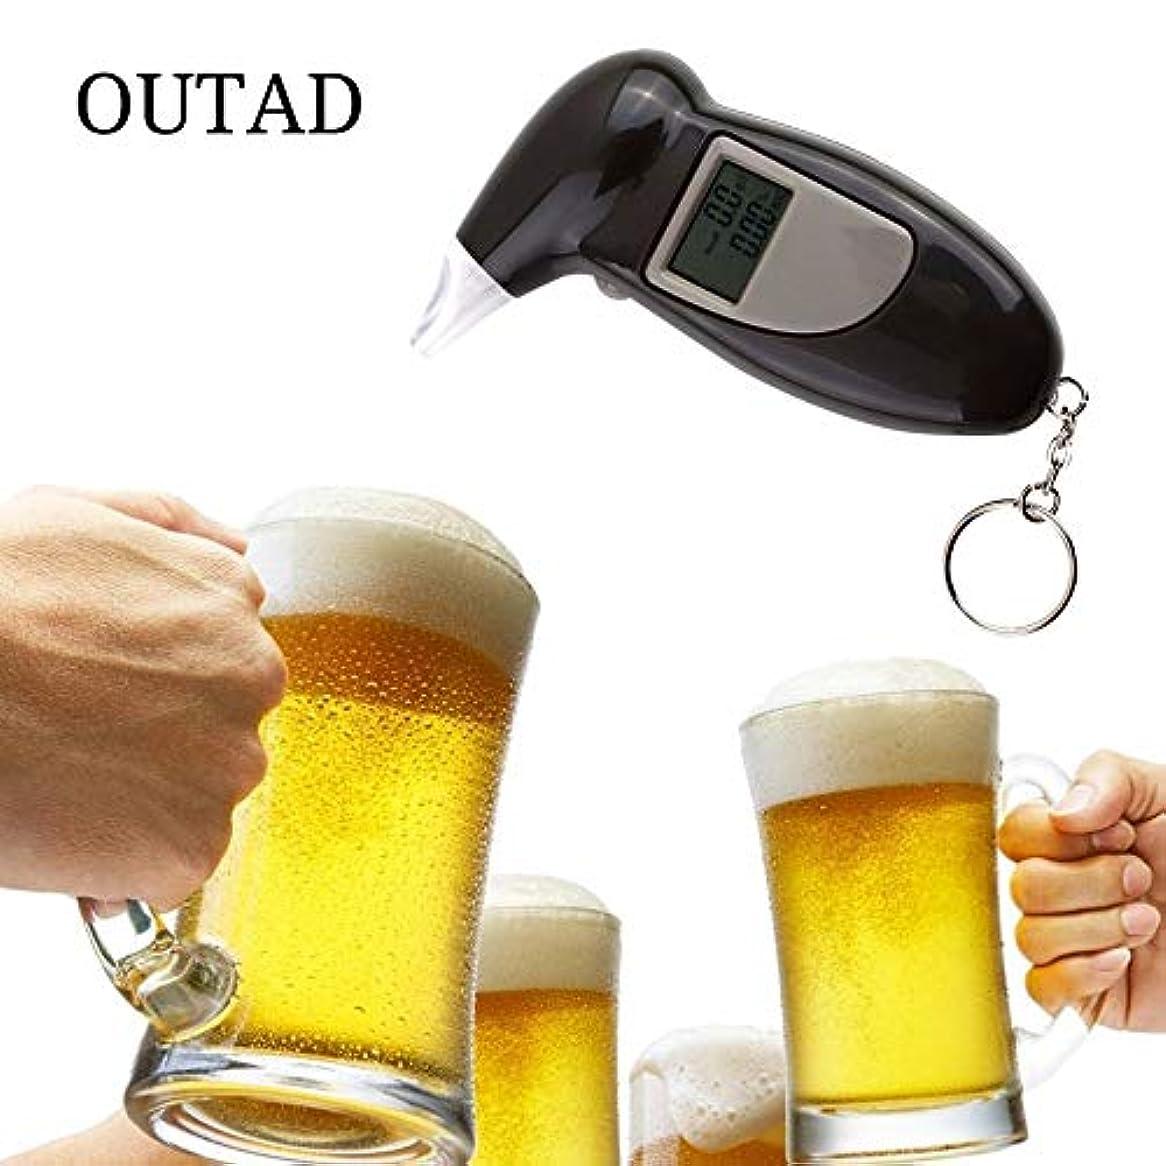 同一のテナント不平を言う2018プロフェッショナルアルコール呼気テスター飲酒分析計検出器テストキーホルダー飲酒ブリーザーライザーデバイスlcdスクリーン